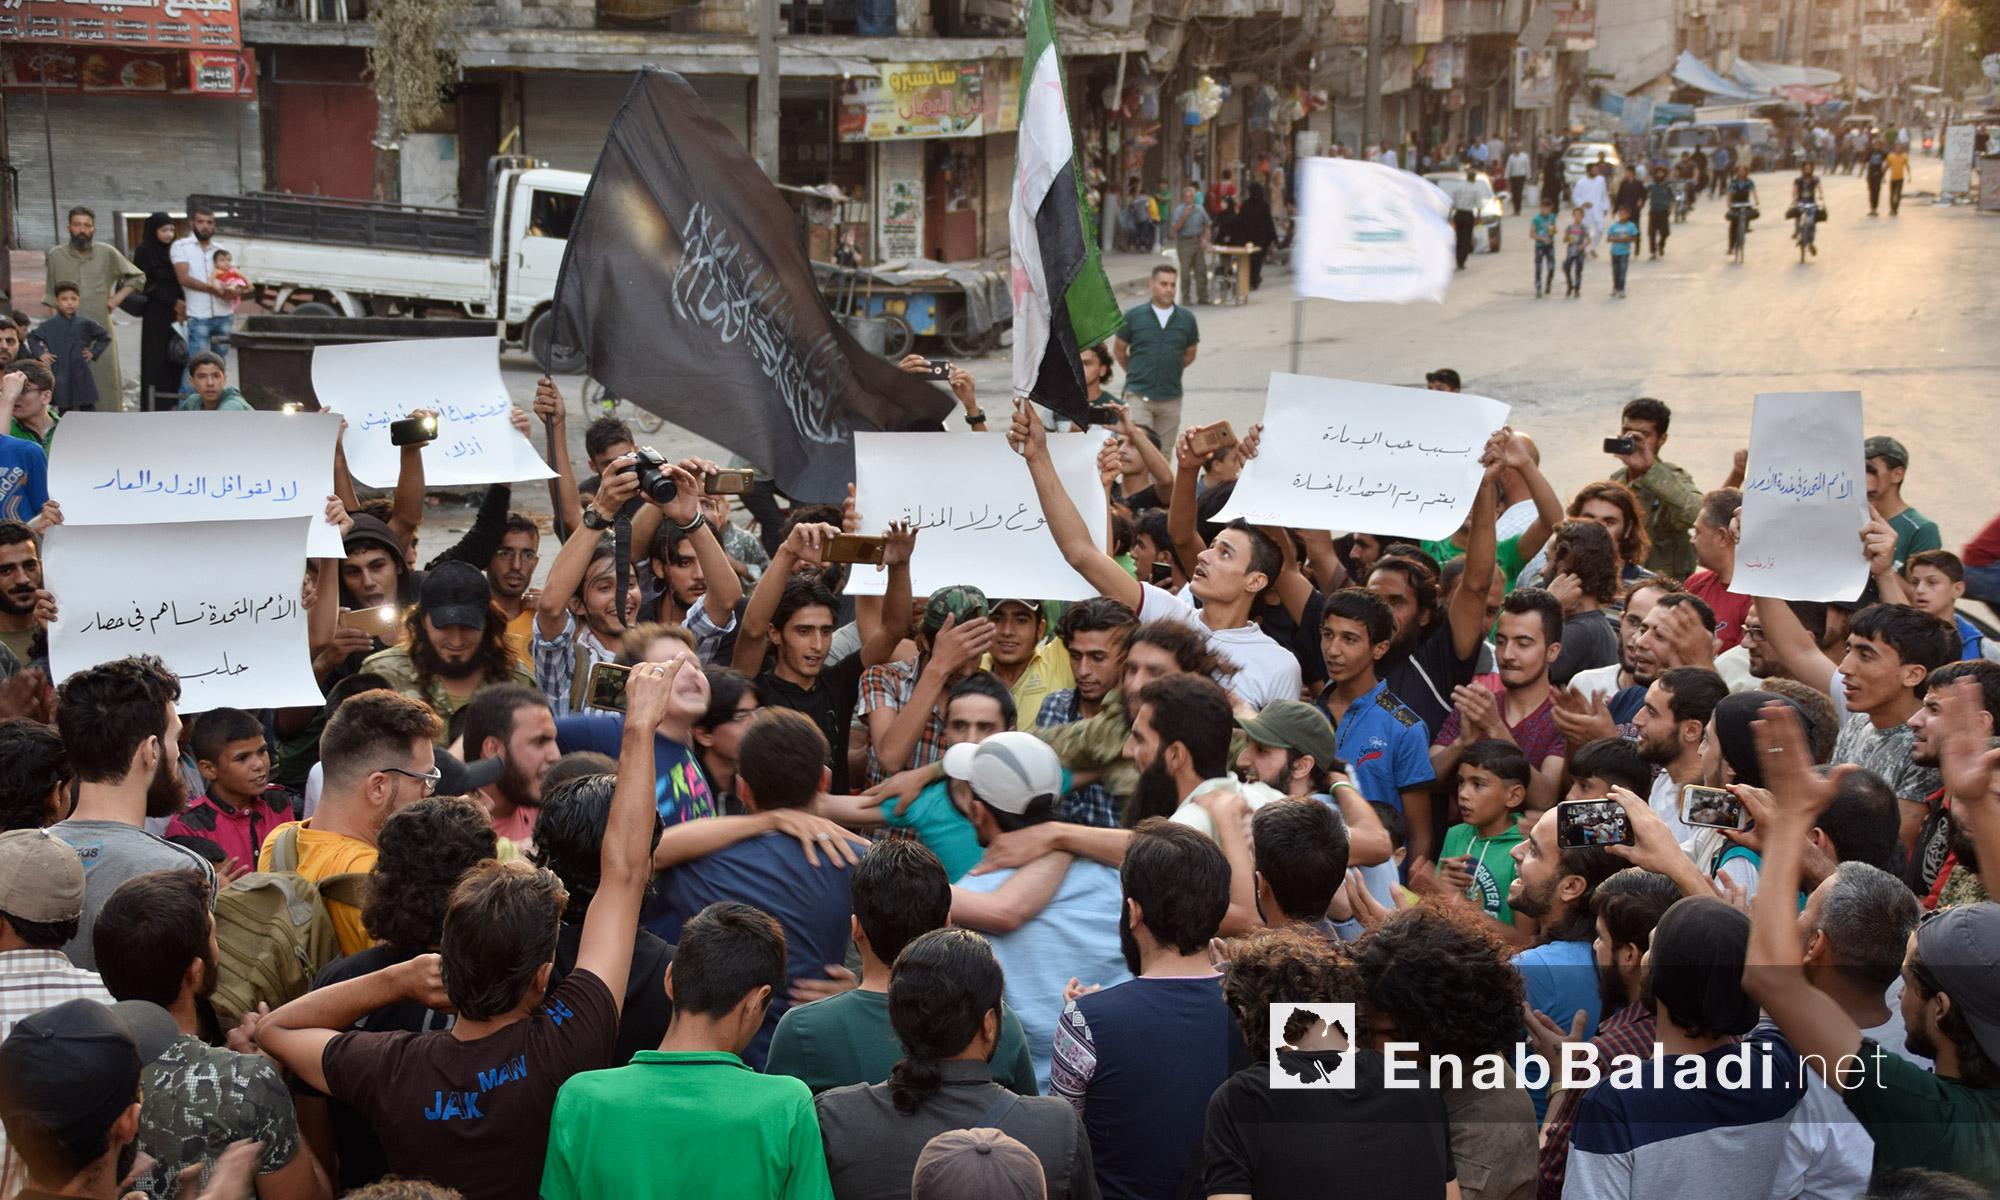 """مظاهرة في حي طريق الباب داخل مدينة حلب ترفض """"التهدئة"""" واعتماد """"الكاستيلو"""" لدخول المساعدات إلى المدينة - الثلاثاء 13 أيلول (عنب بلدي)"""